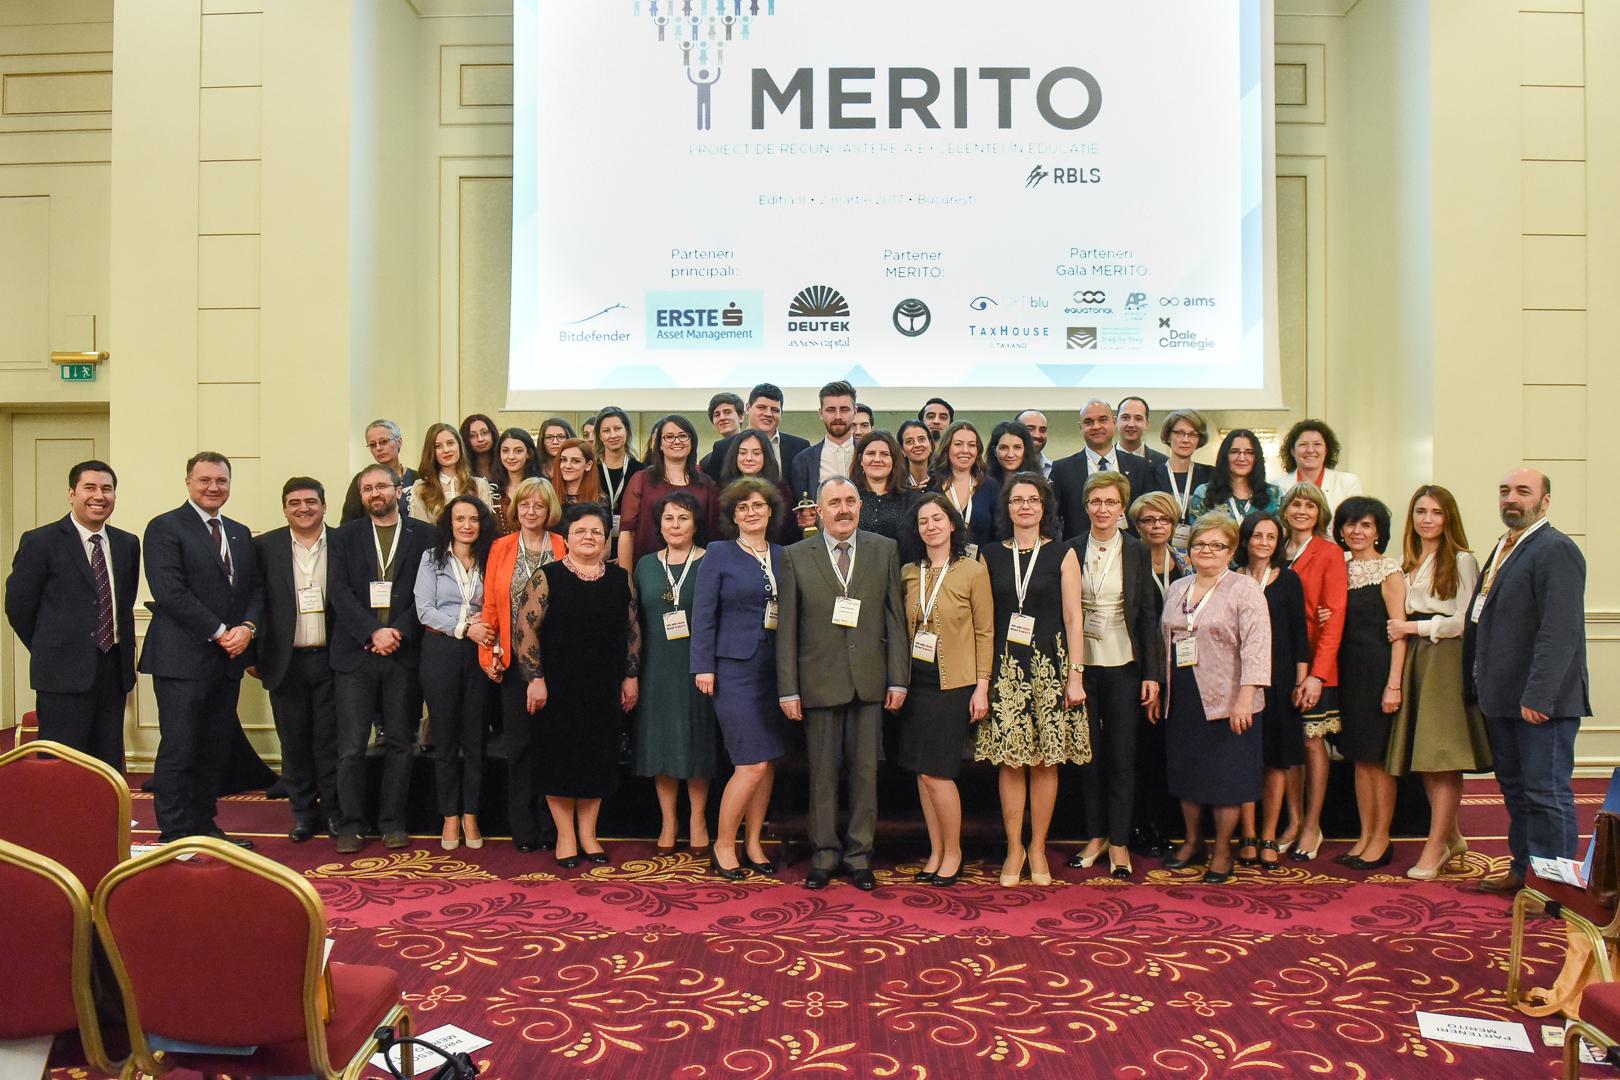 Gala MERITO 2018: premiem profesorii valoroși din România